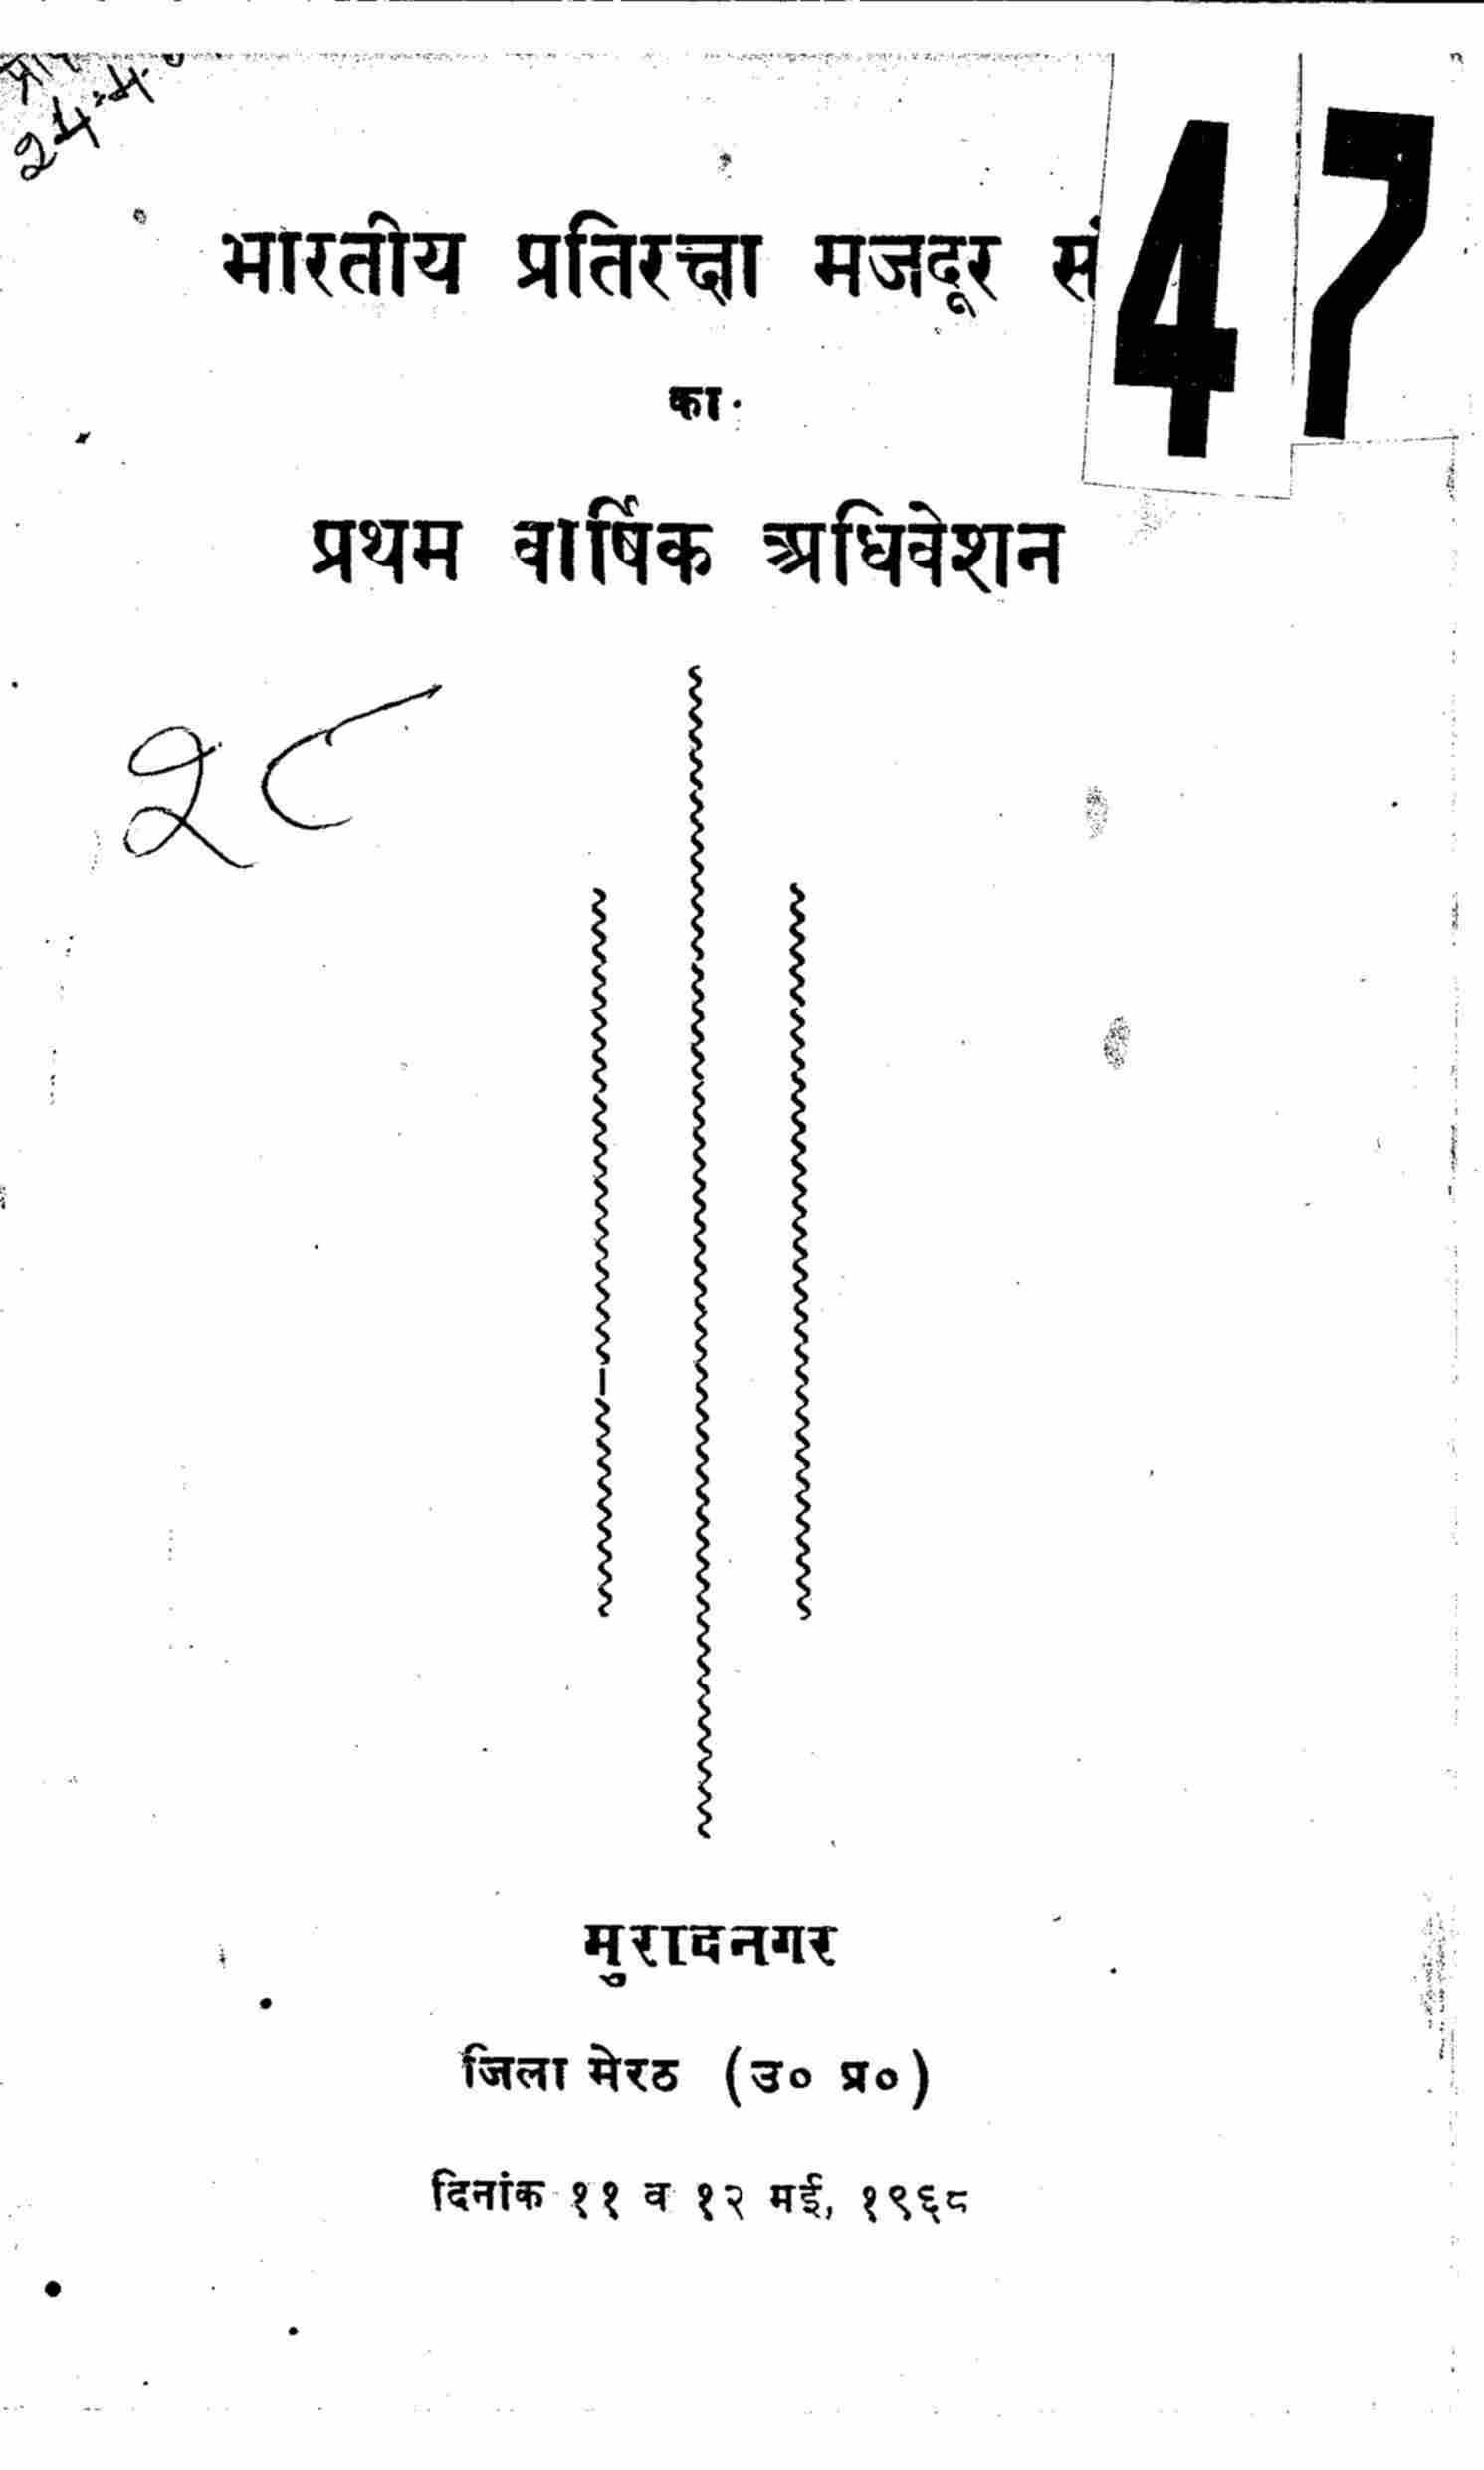 भारतीय प्रतिरक्षा मजदूर संघ-प्रथम अधिवेशन